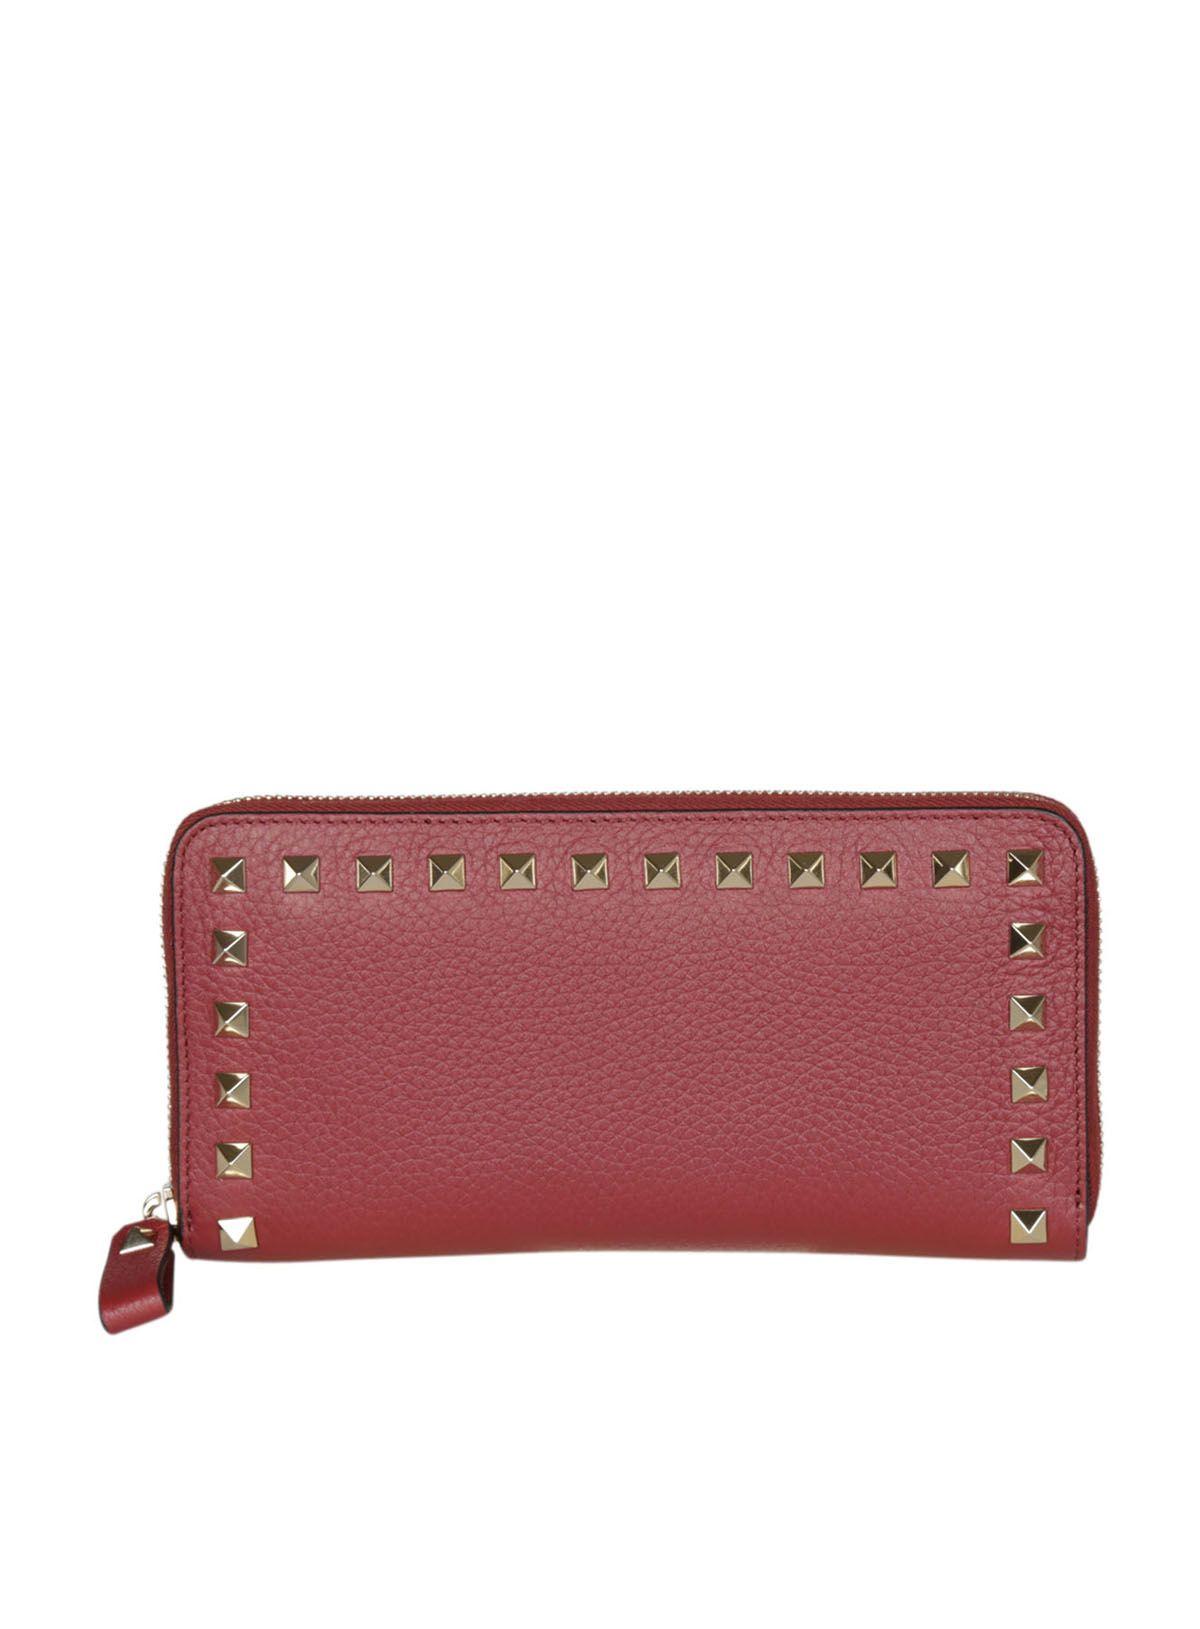 Valentino Valentino Rockstud Zip Around Wallet